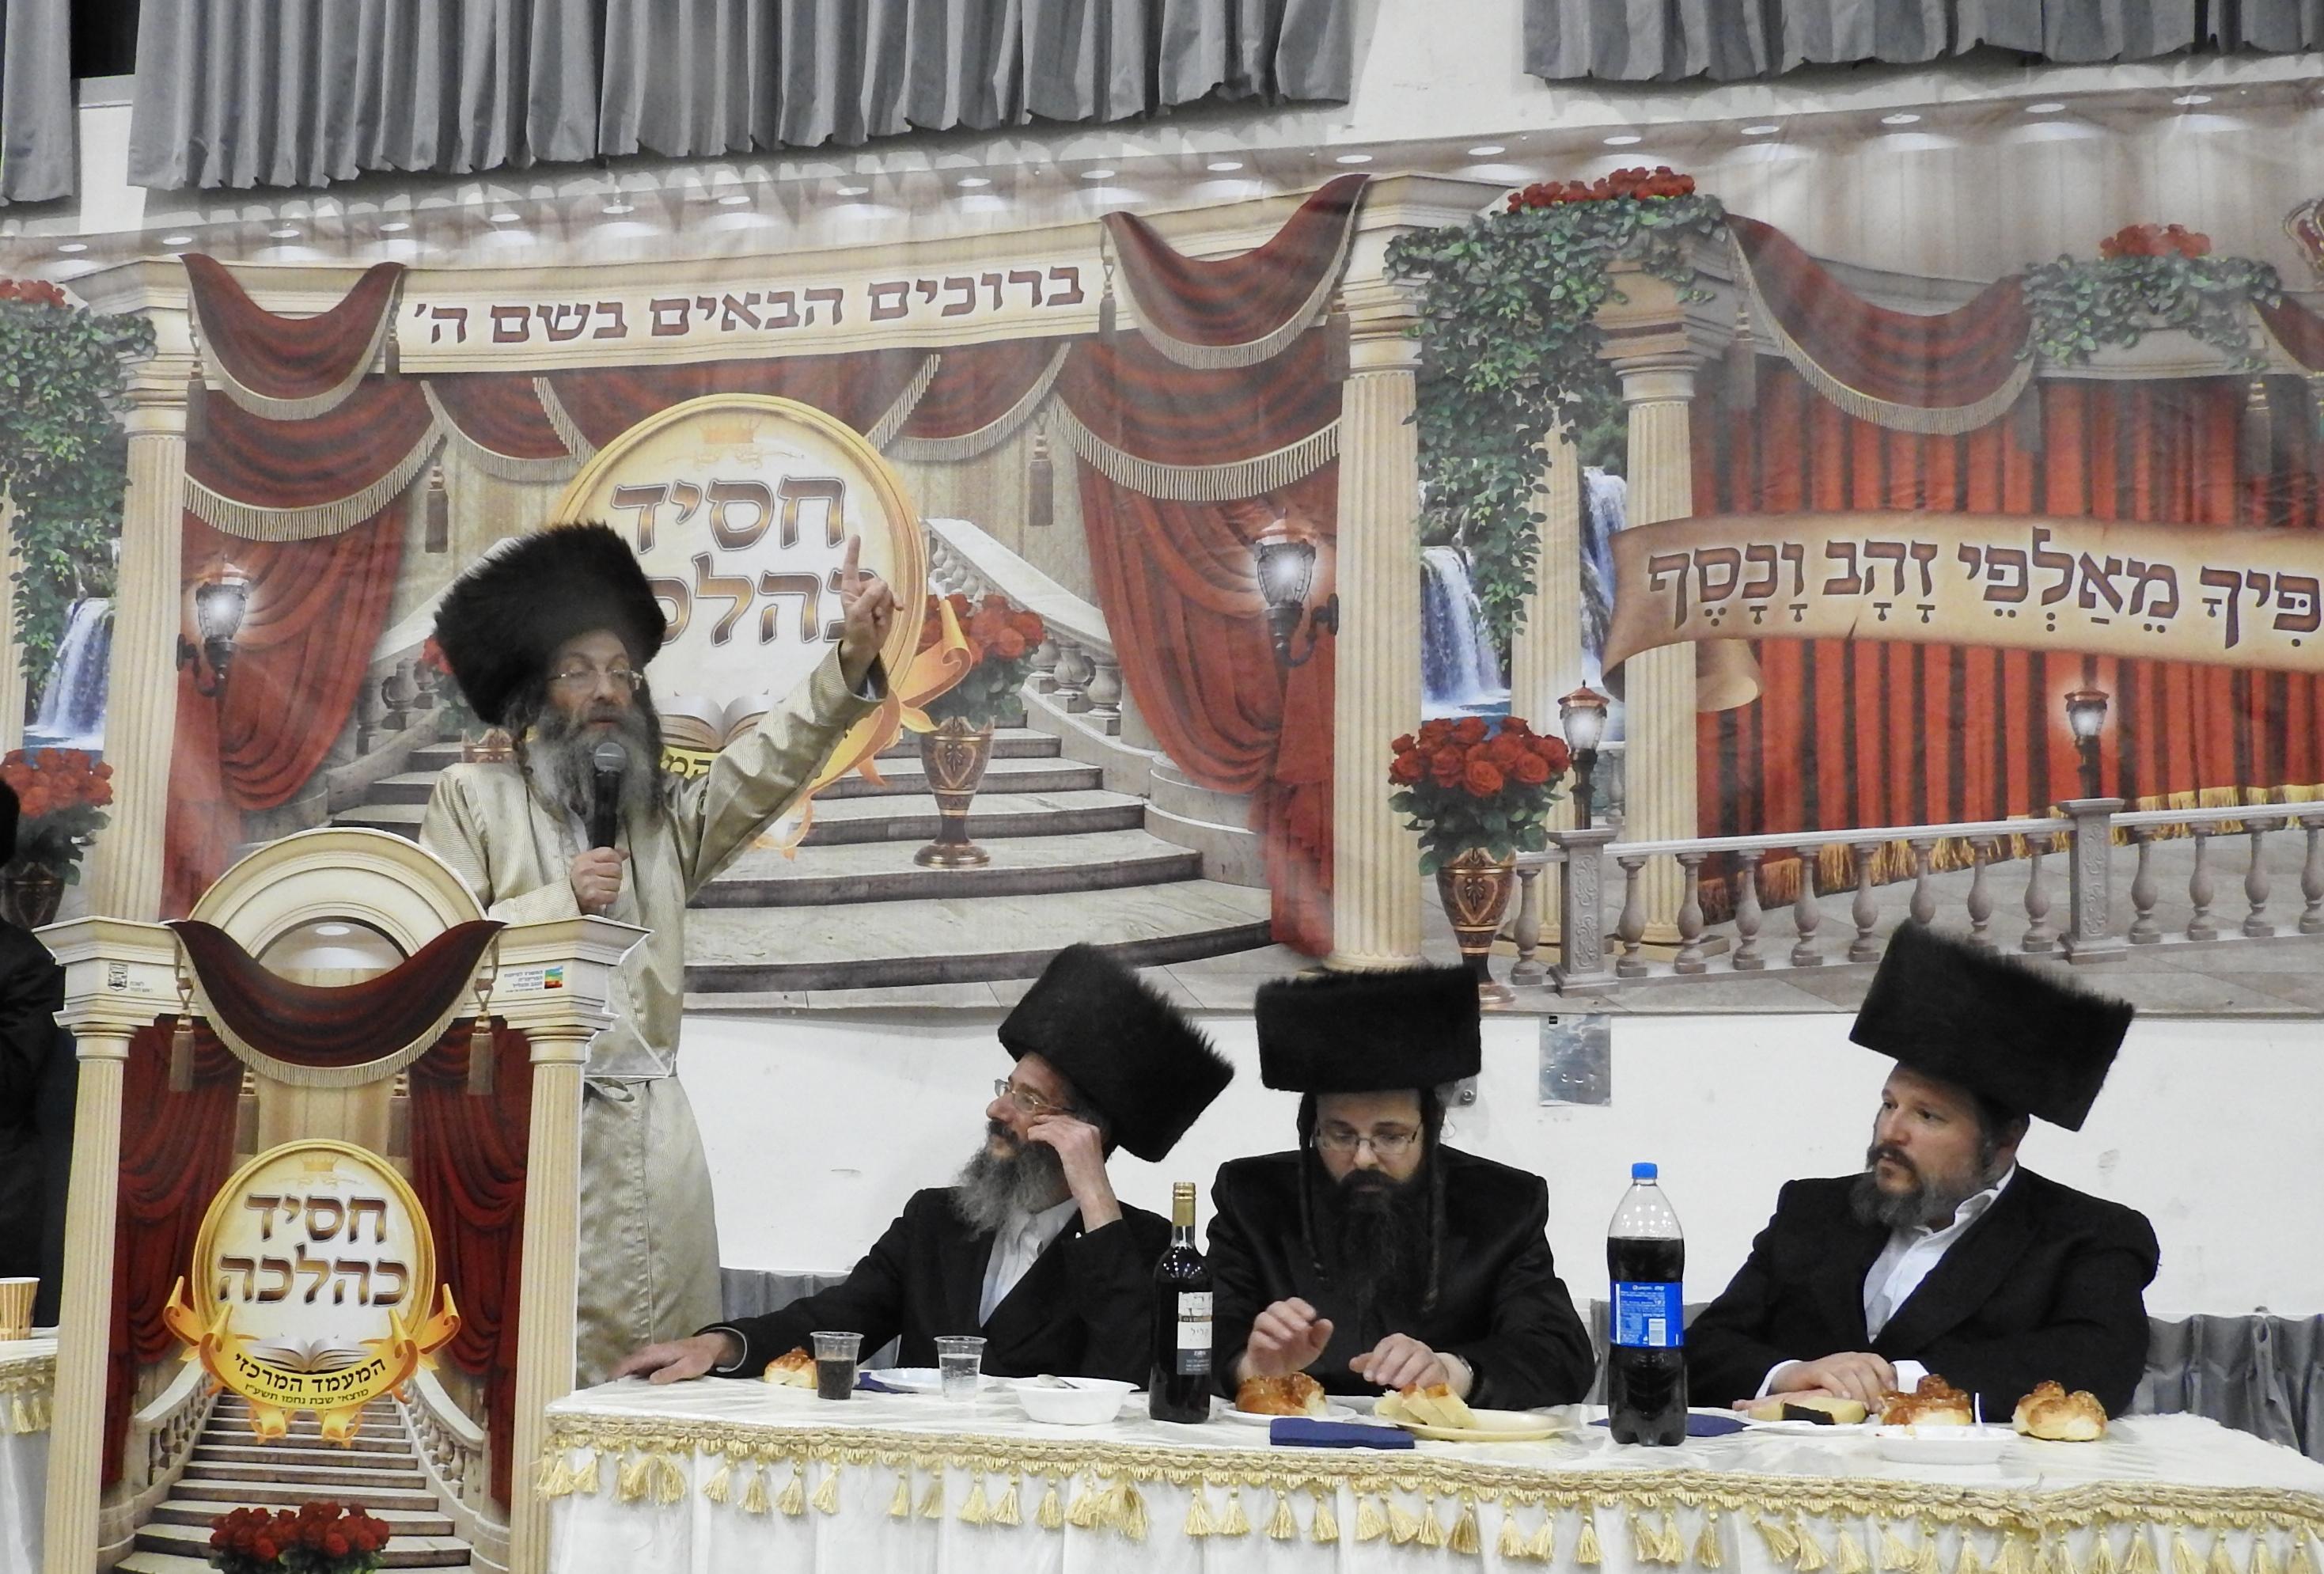 ביתר עילית: 'שבת נחמו' בצלהמשפיע רבי אלימלך בידרמן